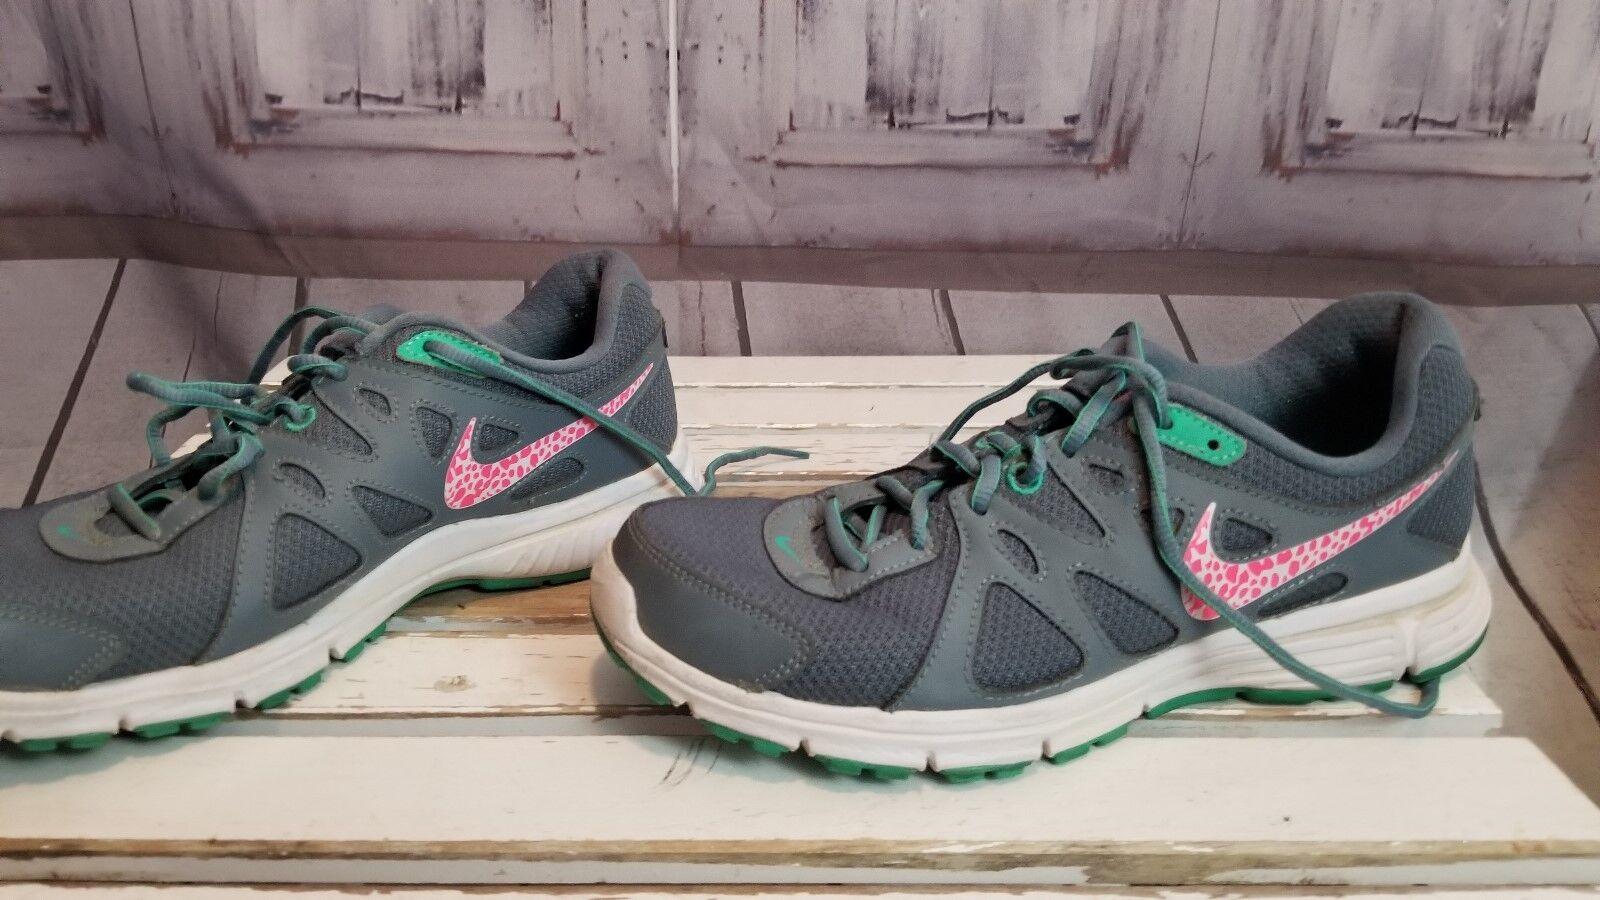 Nike women running 2015 tennis shoe 2015 running 8 gray pink tennis walking trail athletic 198a76